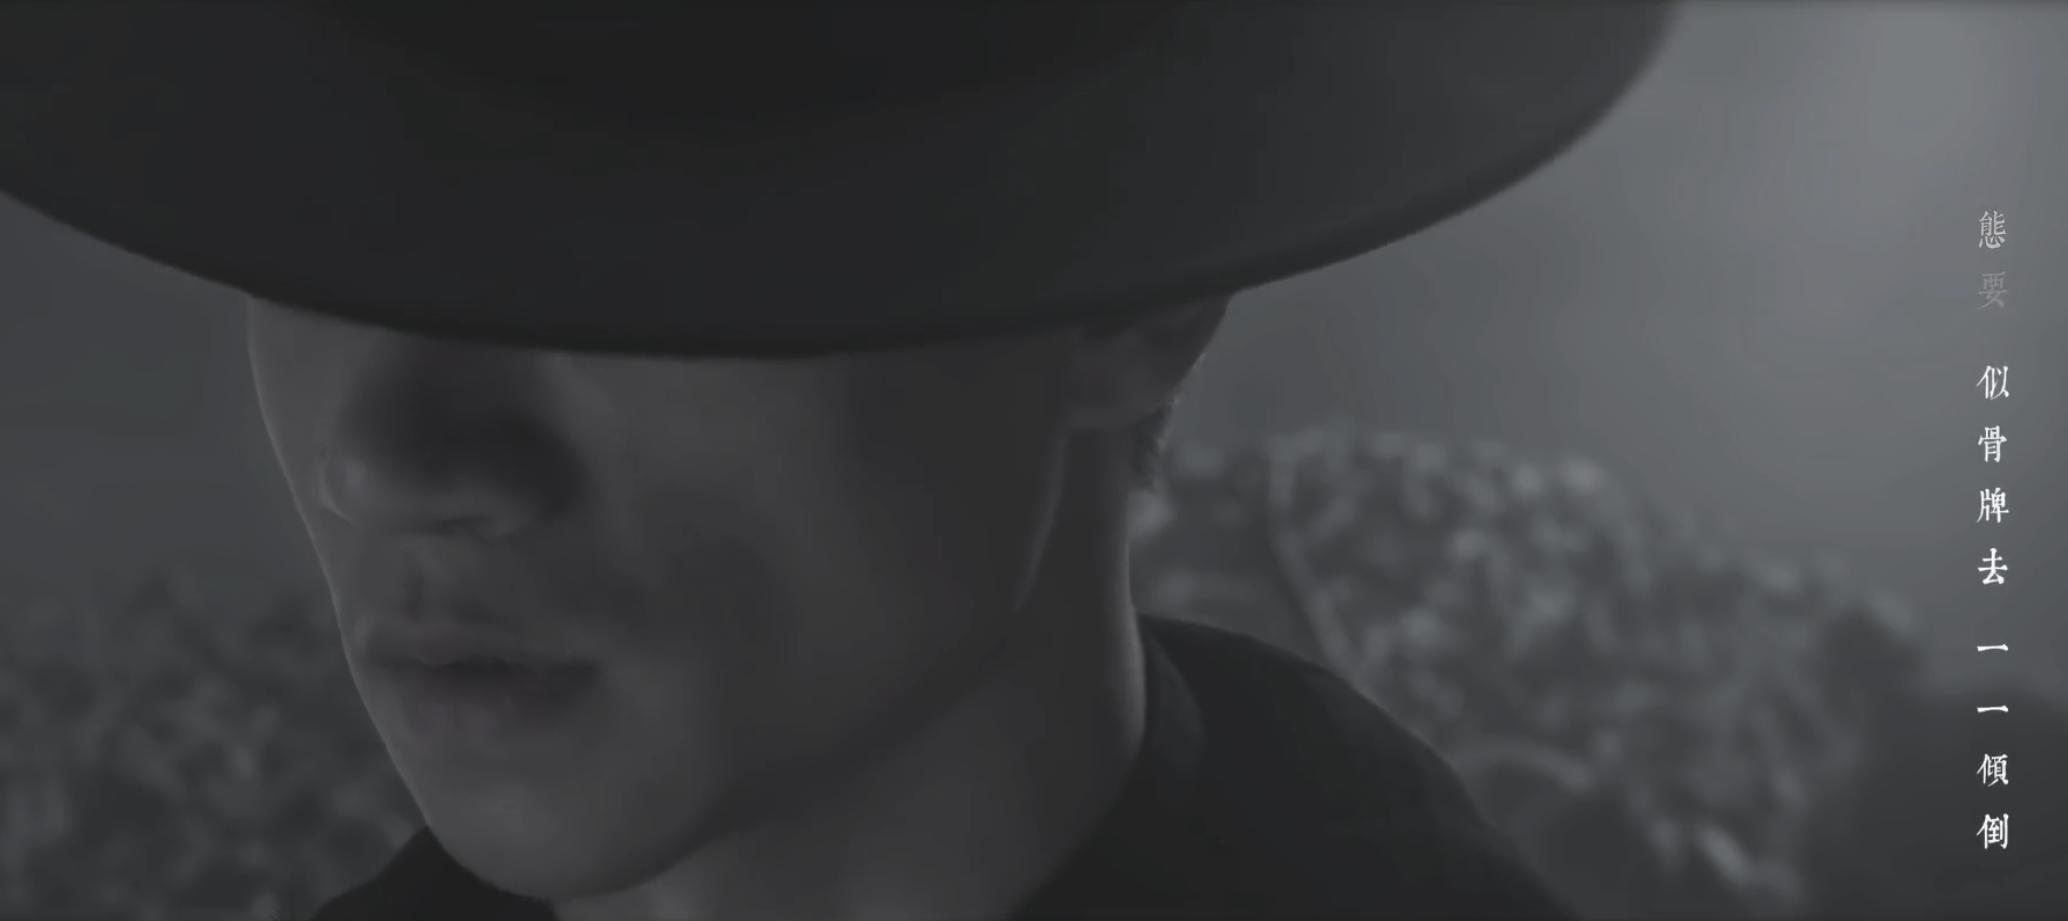 【片】「誰習慣安守樂土」釗峰新歌窺視人性黑暗面